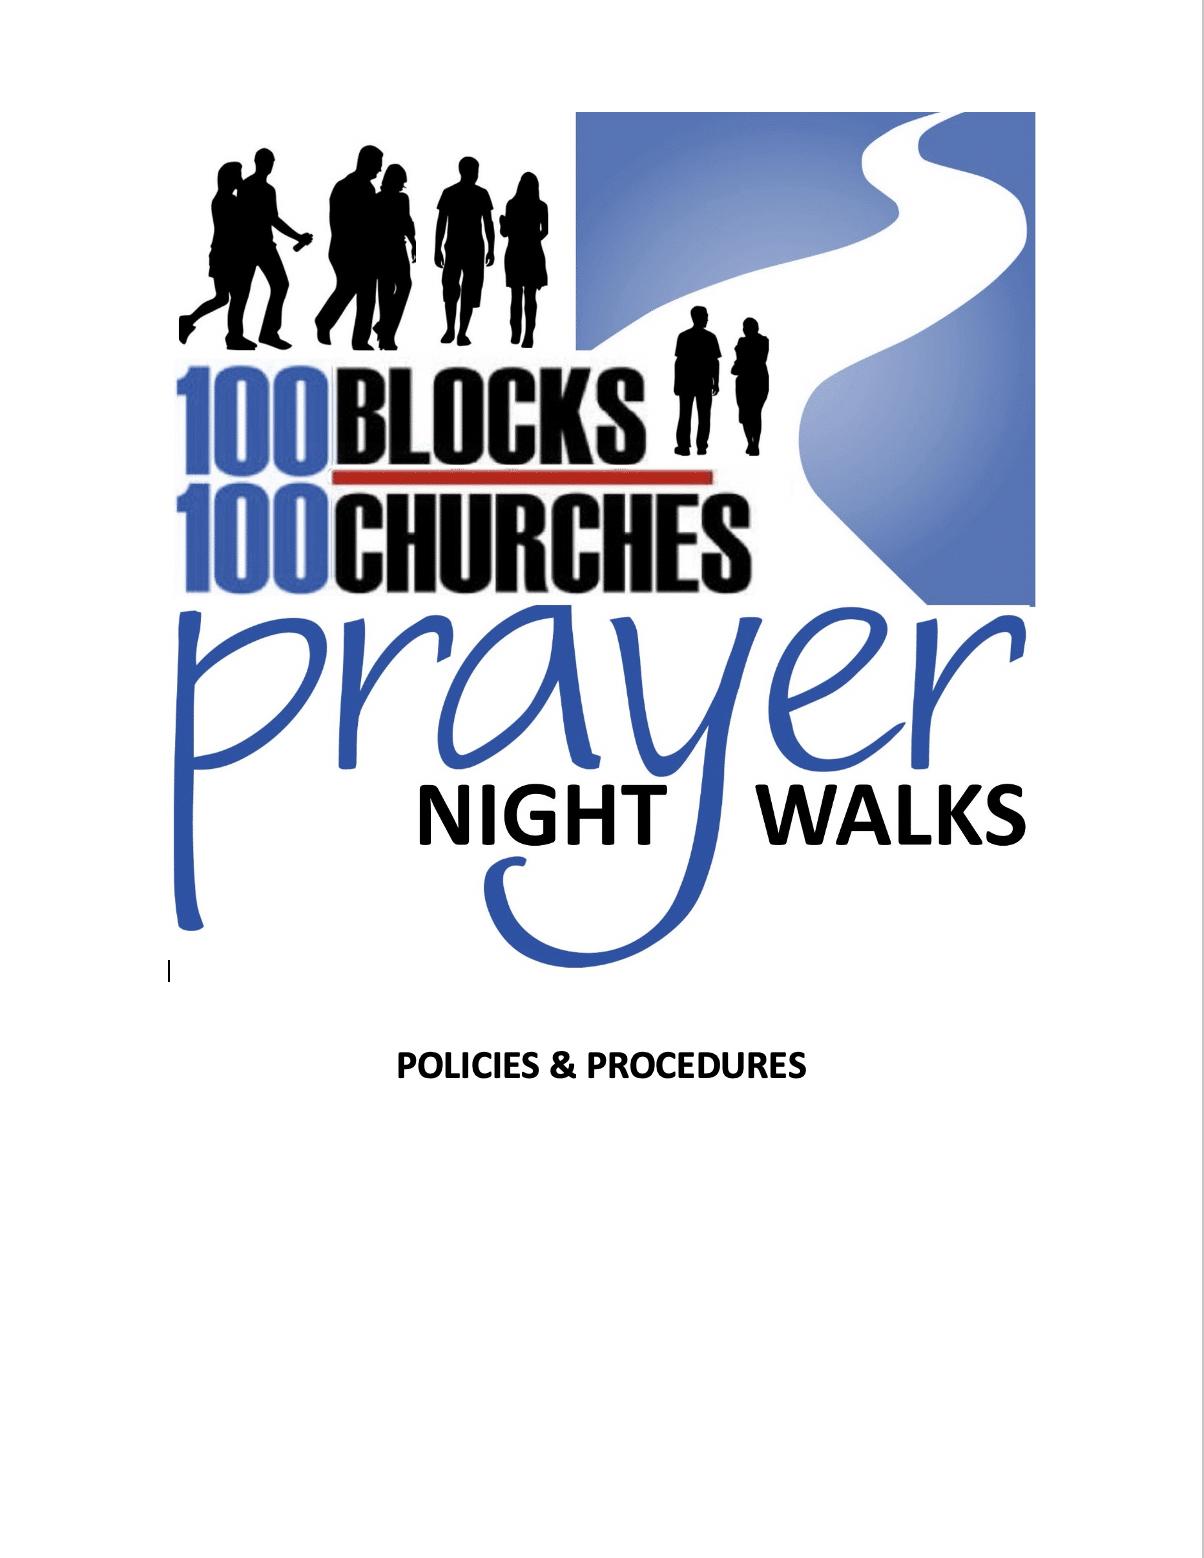 100 Blocks 100 Churches Night Walks Chicago training manual